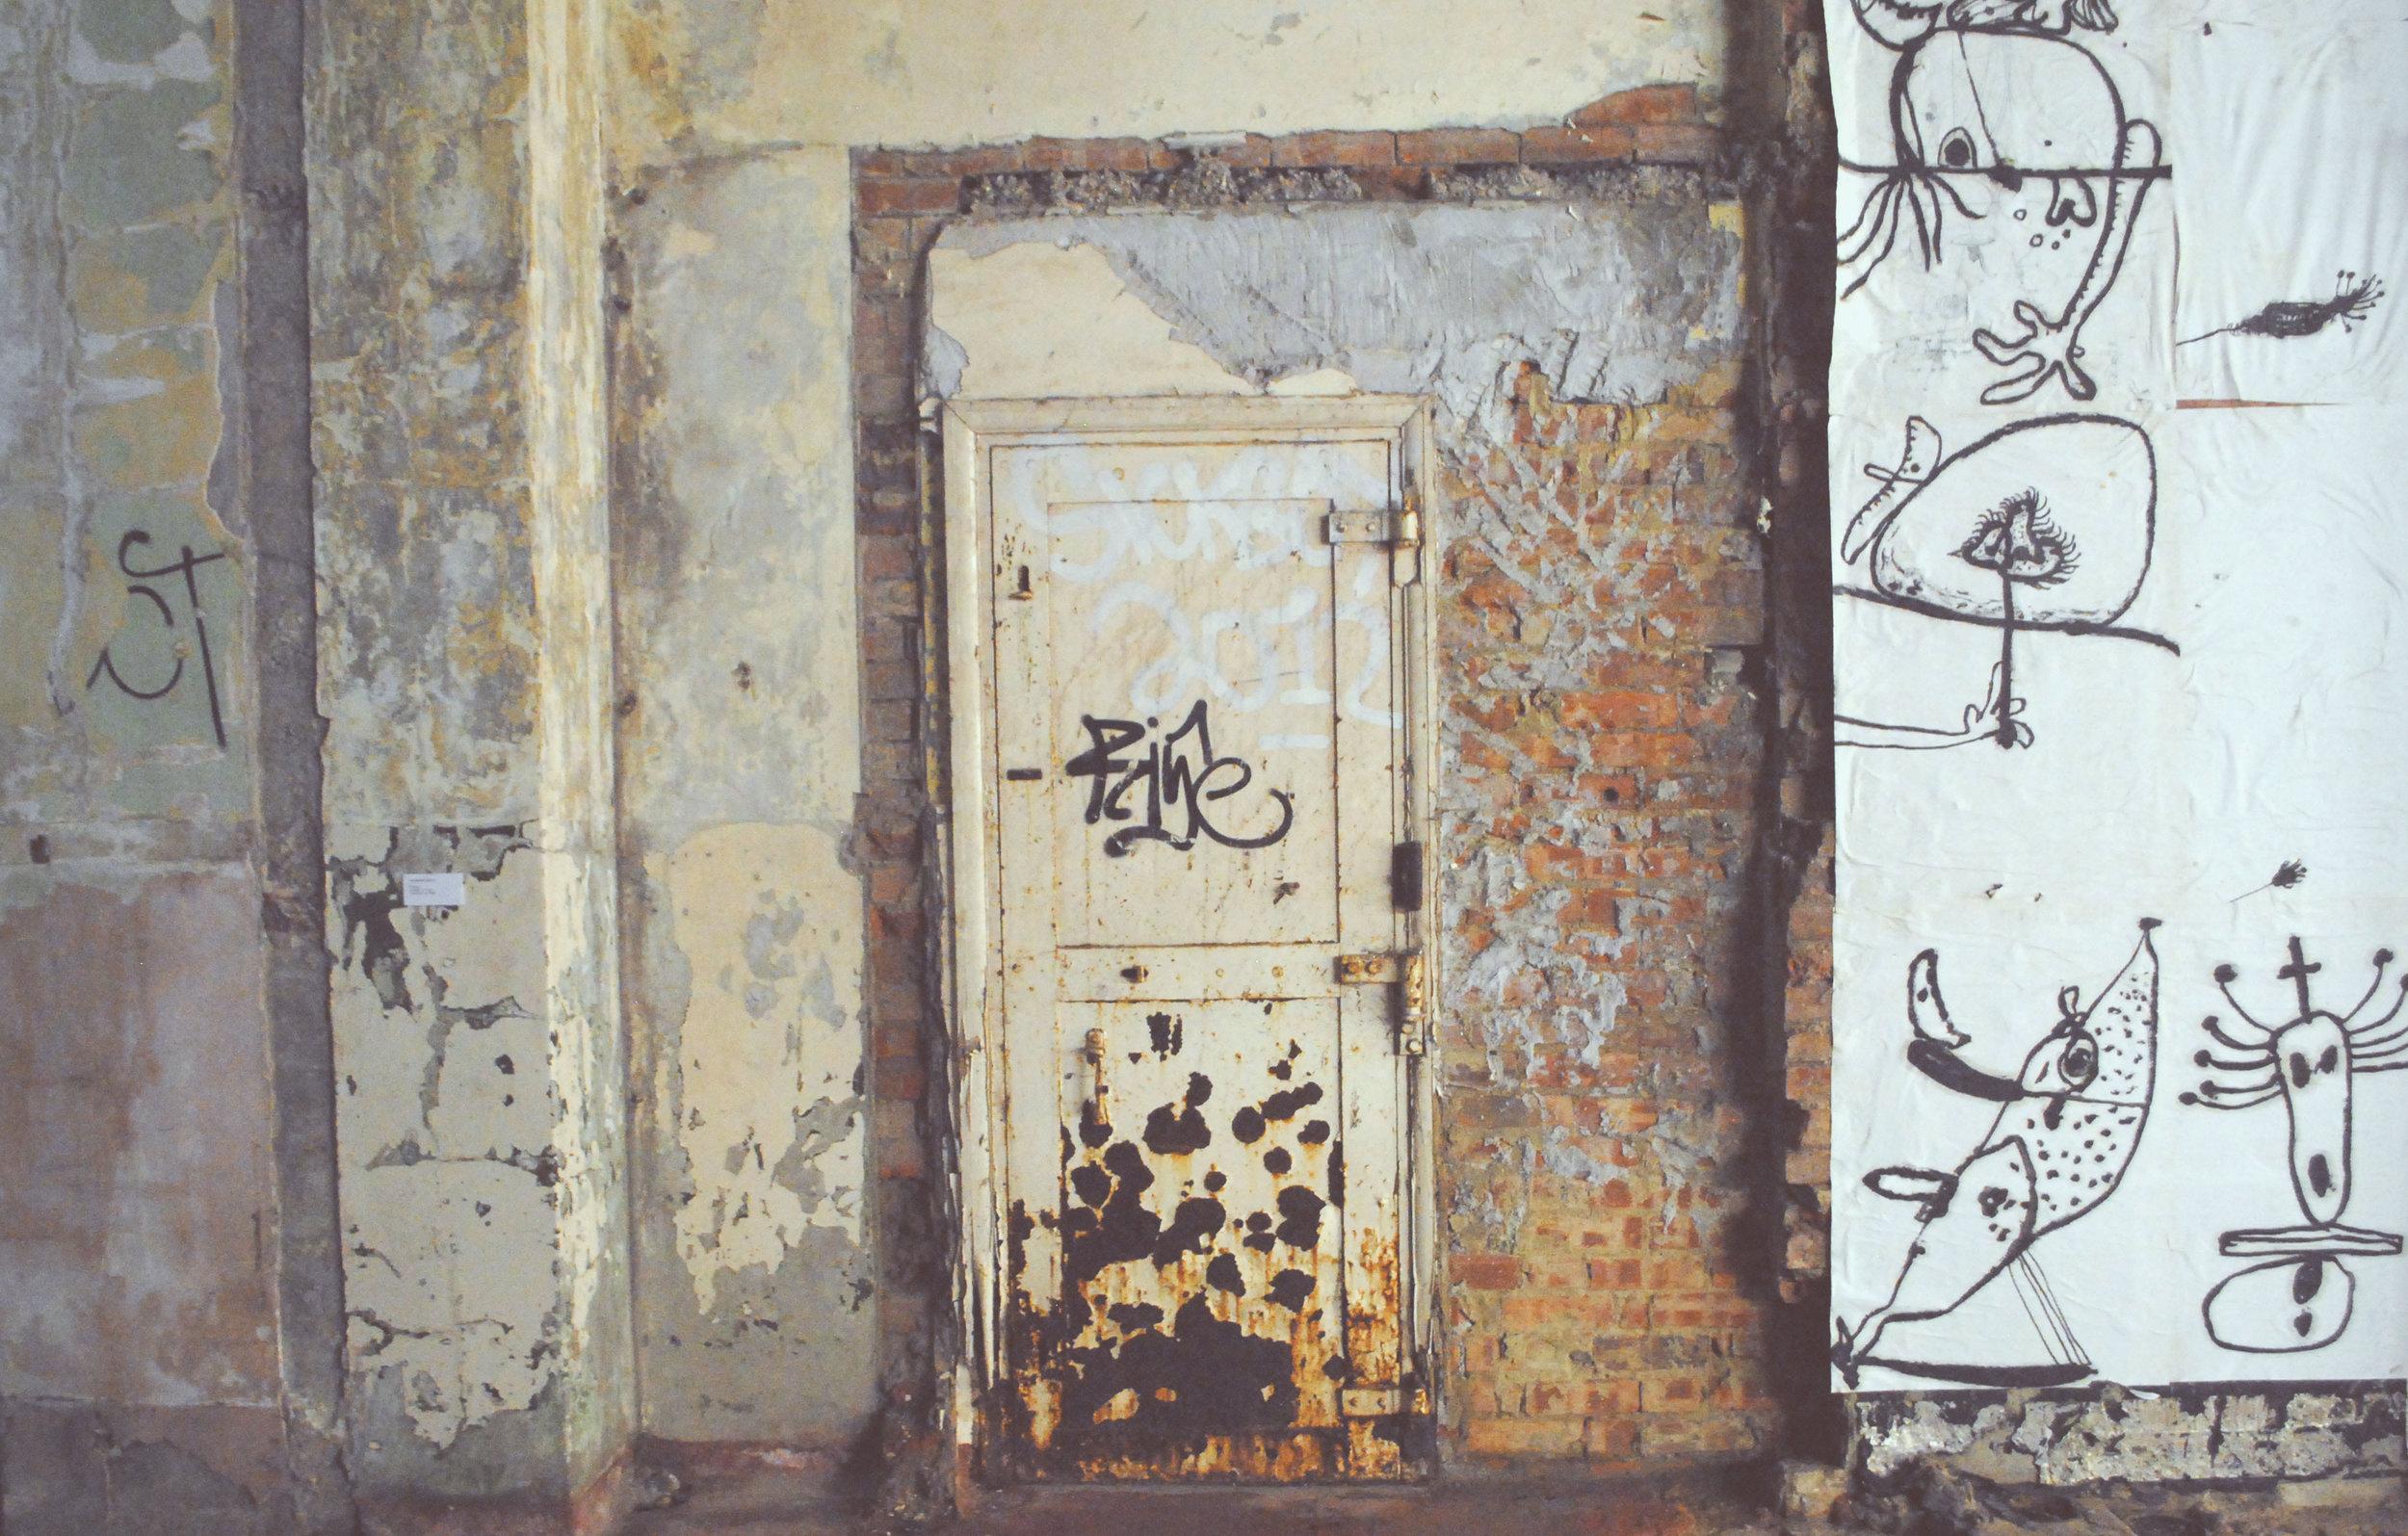 door-hastings-observer-building.jpg